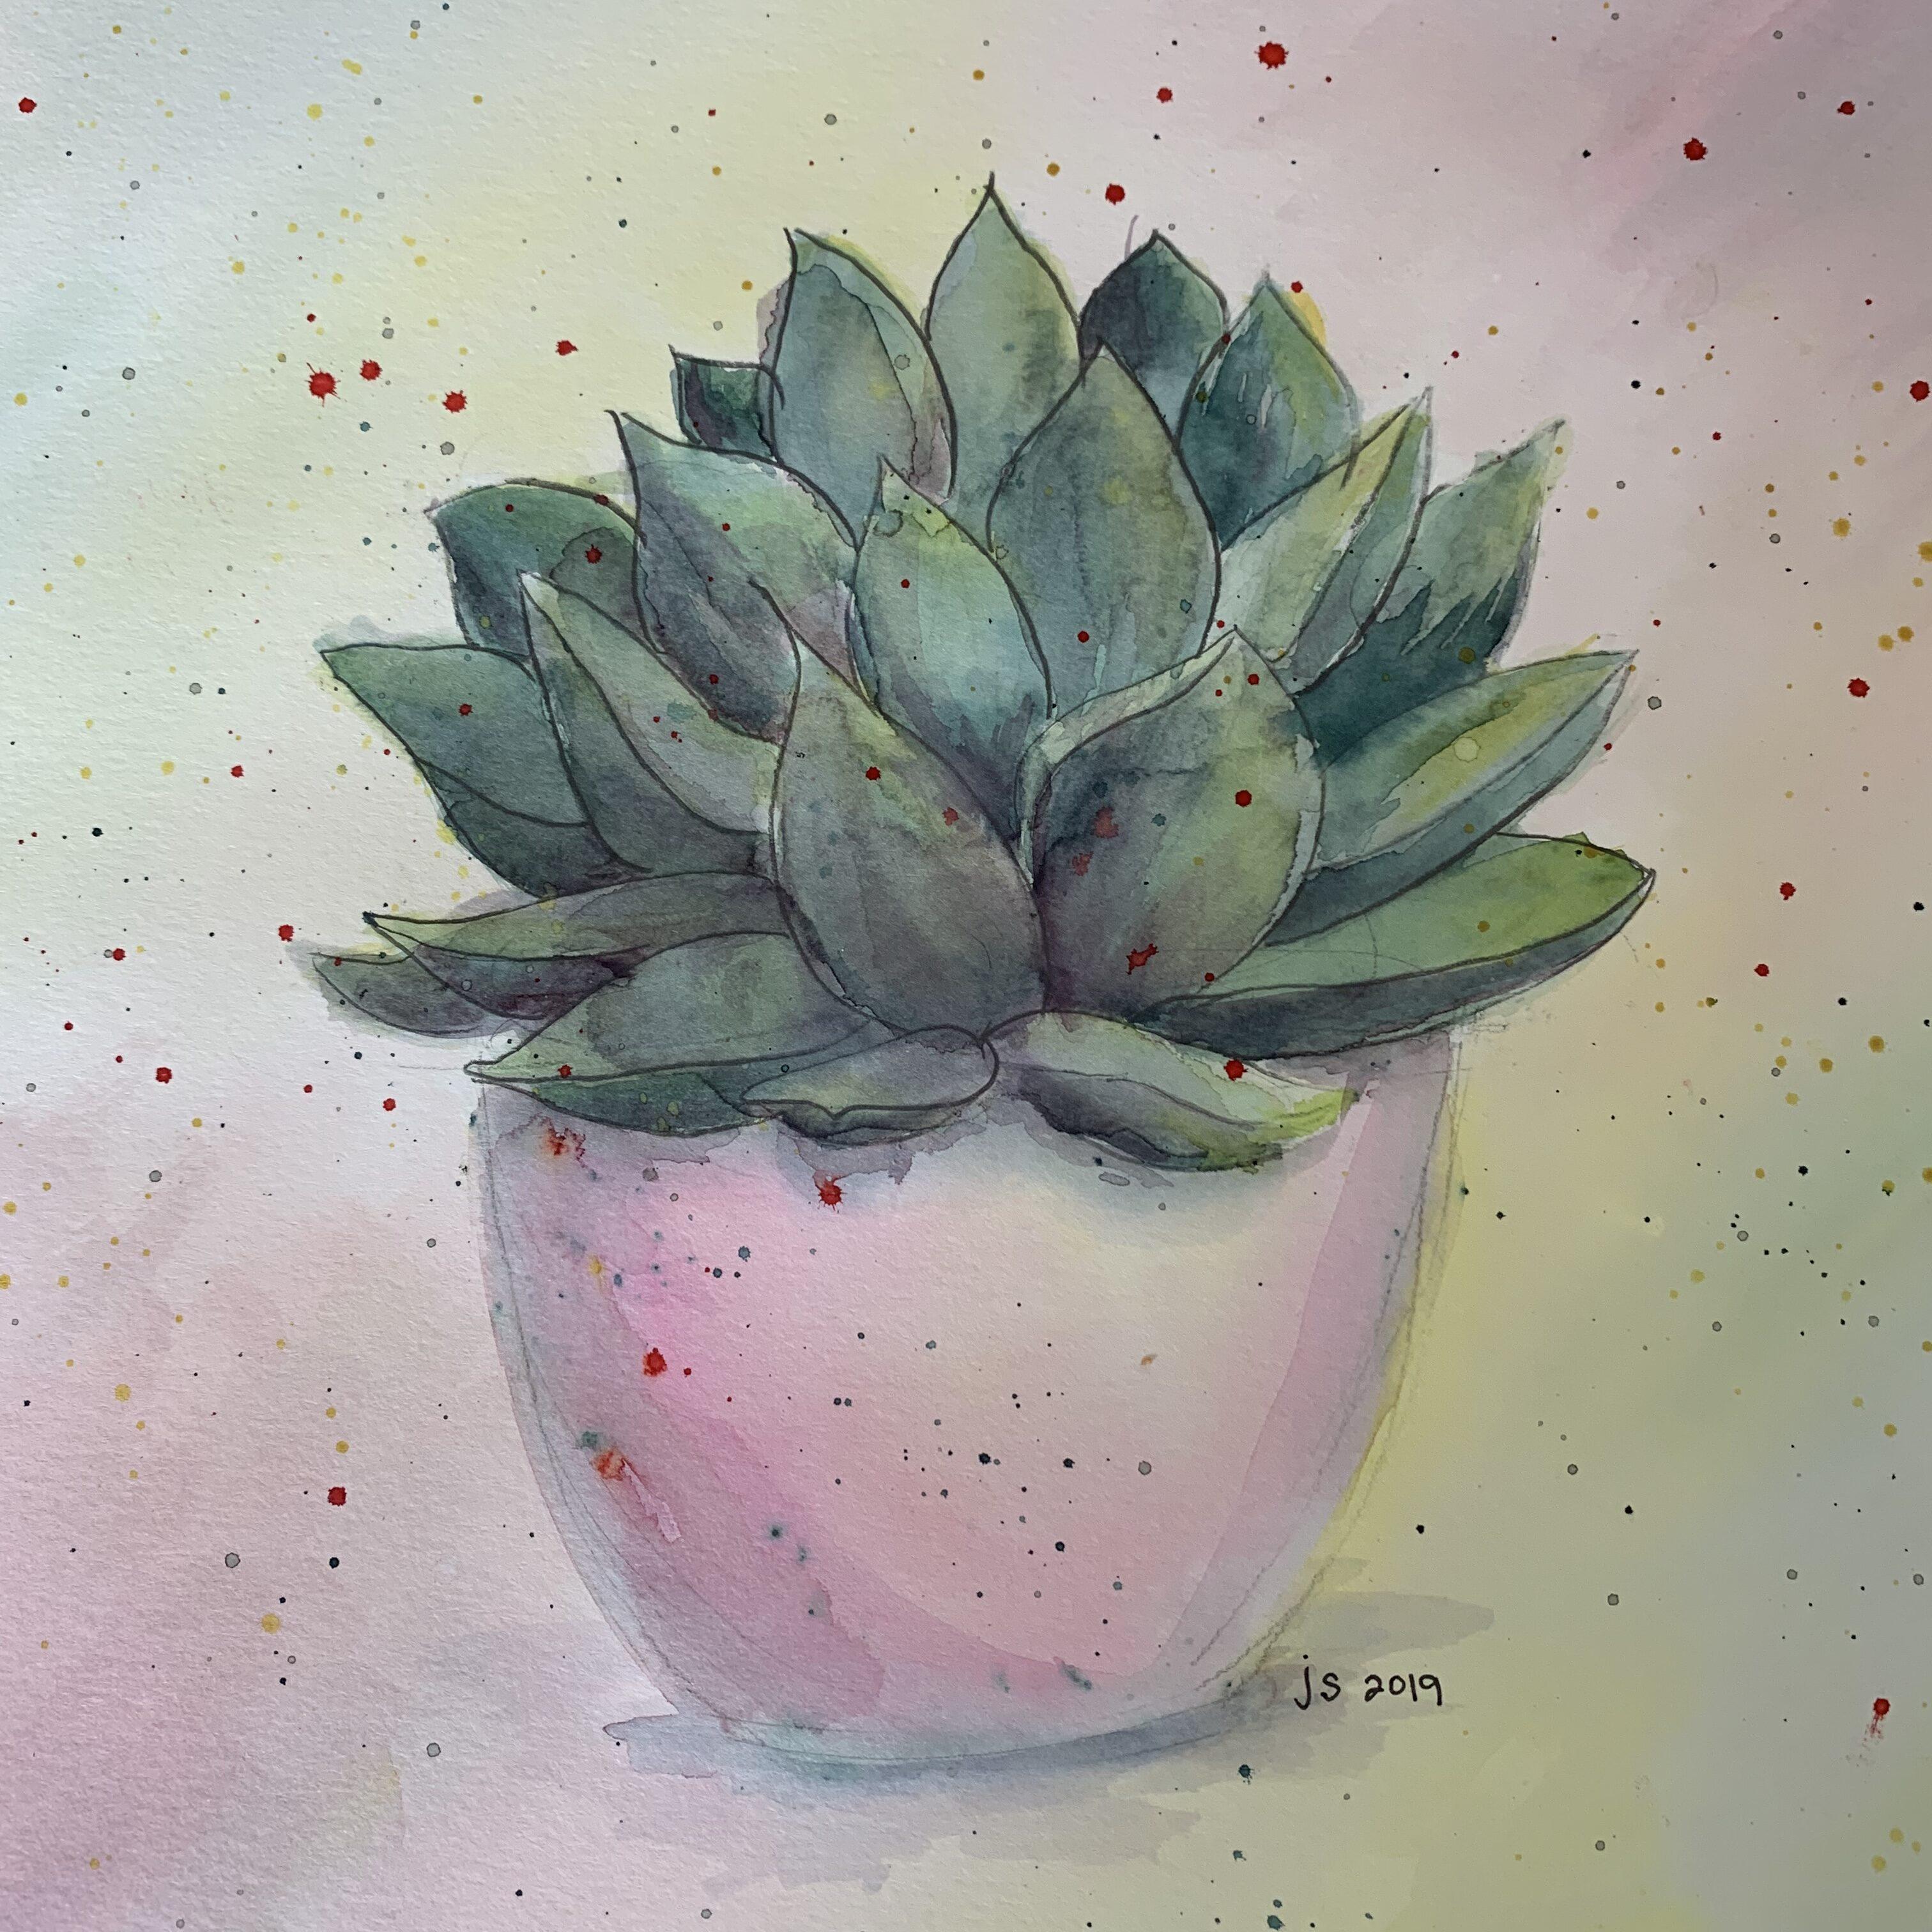 D185869F 6718 4DB5 8E8F 5165601AD7ED Succulent in a pink pot